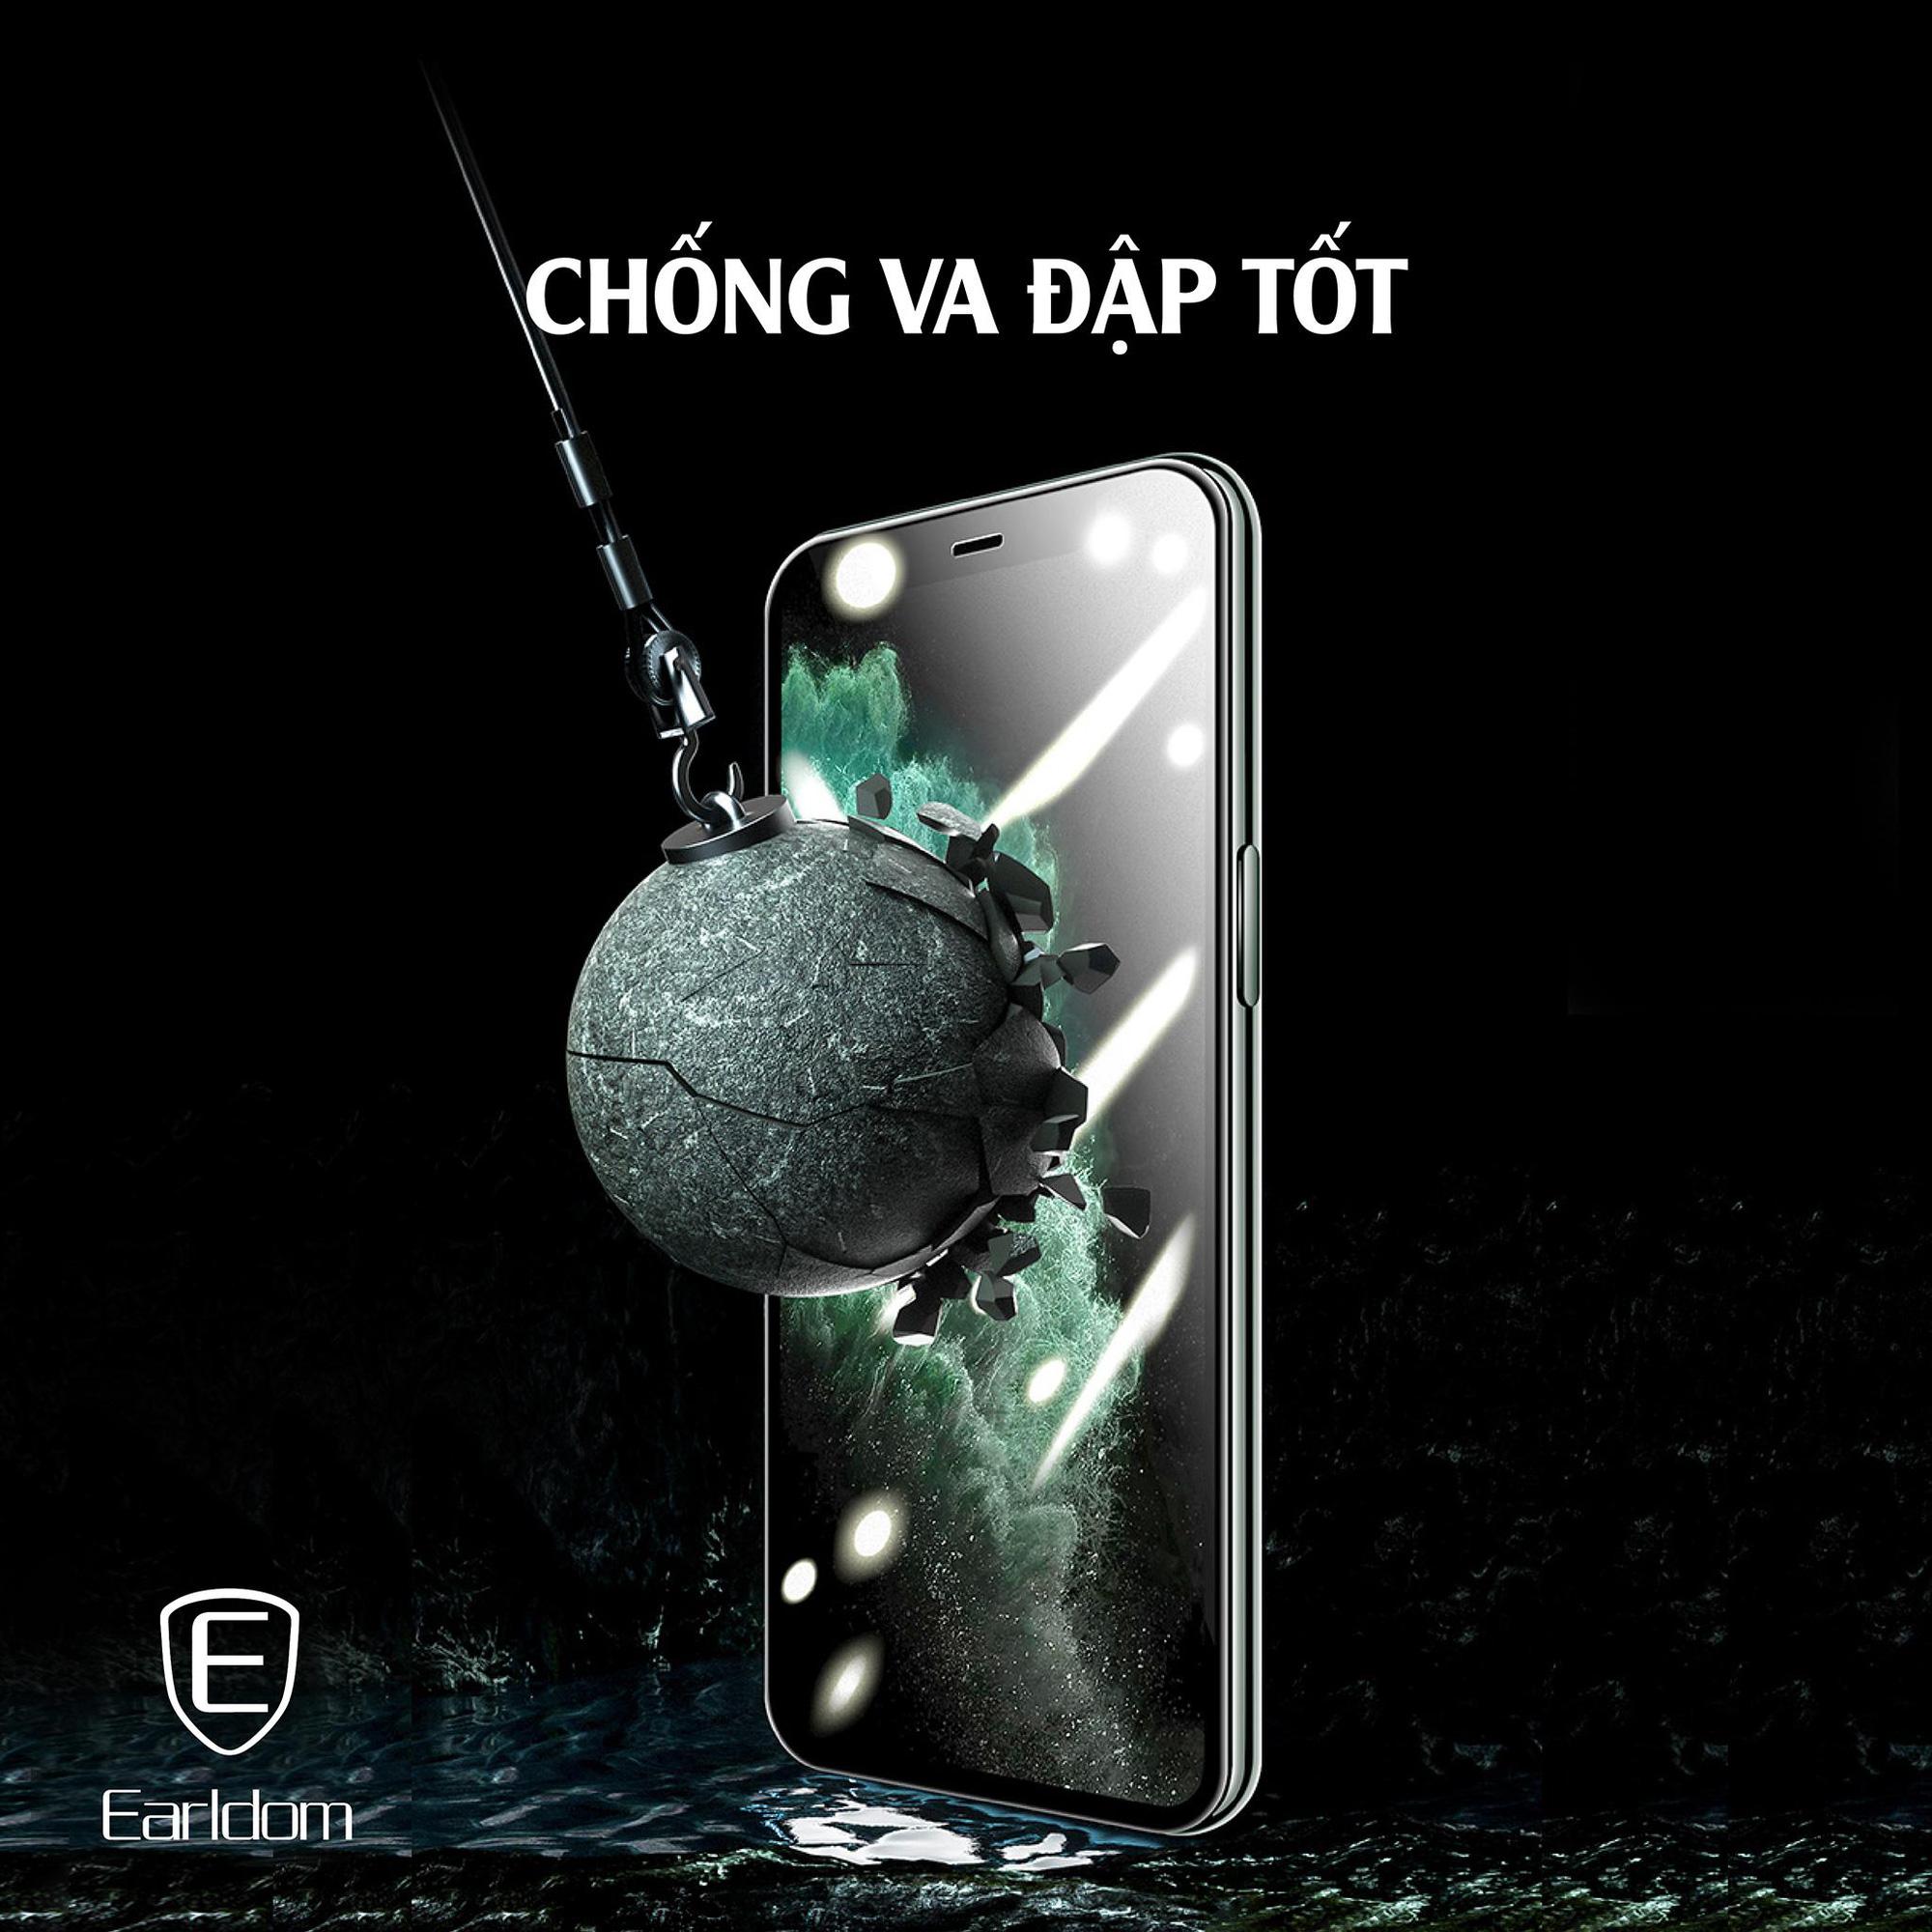 Earldom Việt Nam ra mắt sản phẩm kính cường lực bảo vệ điện thoại và bảo vệ đôi mắt cho người sử dụng smartphone - Ảnh 3.